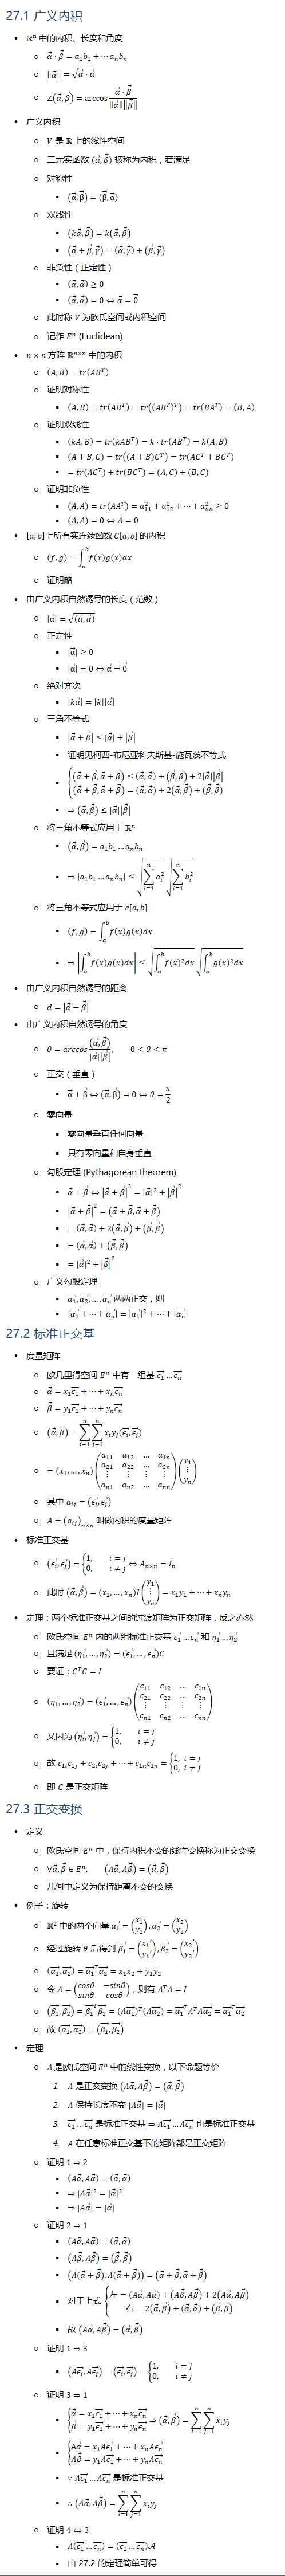 27.1 广义内积 • Rn 中的内积、长度和角度 ○ α ⃗⋅β ⃗=a_1 b_1+…a_n b_n ○ ‖■8(α ⃗ )‖=√(α ⃗⋅α ⃗ ) ○ ∠(α ⃗,β ⃗ )=arccos〖(α ⃗⋅β ⃗)/‖■8(α ⃗ )‖‖■8(β ⃗ )‖ 〗 • 广义内积 ○ V 是 R 上的线性空间 ○ 二元实函数 (α ⃗,β ⃗) 被称为内积,若满足 ○ 对称性 § (α ⃗,β ⃗ )=(β ⃗,α ⃗) ○ 双线性 § (kα ⃗,β ⃗ )=k(α ⃗,β ⃗ ) § (α ⃗+β ⃗,γ ⃗ )=(α ⃗,γ ⃗ )+(β ⃗,γ ⃗ ) ○ 非负性(正定性) § (α ⃗,α ⃗ )≥0 § (α ⃗,α ⃗ )=0⇔α ⃗=0 ⃗ ○ 此时称 V 为欧氏空间或内积空间 ○ 记作 E^n (Euclidean) • n×n 方阵 R(n×n) 中的内积 ○ (A,B)=tr(〖AB〗^T ) ○ 证明对称性 § (A,B)=tr(〖AB〗^T )=tr((〖AB〗^T )^T )=tr(〖BA〗^T )=(B,A) ○ 证明双线性 § (kA,B)=tr(〖kAB〗^T )=k⋅tr(〖AB〗^T )=k(A,B) § (A+B,C)=tr((A+B) C^T )=tr(AC^T+BC^T ) § =tr(AC^T )+tr(BC^T )=(A,C)+(B,C) ○ 证明非负性 § (A,A)=tr(〖AA〗^T )=a_11^2+a_12^2+…+a_nn^2≥0 § (A,A)=0⇔A=0 • [a,b]上所有实连续函数 C[a,b] 的内积 ○ (f,g)=∫_a^b▒f(x)g(x)dx ○ 证明略 • 由广义内积自然诱导的长度(范数) ○ |α ⃗ |=√((α ⃗,α ⃗)) ○ 正定性 § |α ⃗ |≥0 § |α ⃗ |=0⇔α ⃗=0 ⃗ ○ 绝对齐次 § |kα ⃗ |=|k||α ⃗ | ○ 三角不等式 § |α ⃗+β ⃗ |≤|α ⃗ |+|β ⃗ | § 证明见柯西-布尼亚科夫斯基-施瓦茨不等式 § {█((α ⃗+β ⃗,α ⃗+β ⃗ )≤(α ⃗,α ⃗ )+(β ⃗,β ⃗ )+2|α ⃗ ||β ⃗ |@(α ⃗+β ⃗,α ⃗+β ⃗ )=(α ⃗,α ⃗ )+2(α ⃗,β ⃗ )+(β ⃗,β ⃗))┤ § ⇒(α ⃗,β ⃗ )≤|α ⃗ ||β ⃗ | ○ 将三角不等式应用于 Rn § (α ⃗,β ⃗ )=a_1 b_1…a_n b_n § ⇒|a_1 b_1…a_n b_n |≤√(∑_(i=1)^n▒a_i^2 ) √(∑_(i=1)^n▒b_i^2 ) ○ 将三角不等式应用于 c[a,b] § (f,g)=∫_a^b▒f(x)g(x)dx § ⇒|∫_a^b▒f(x)g(x)dx|≤√(∫_a^b▒〖f(x)^2 dx〗) √(∫_a^b▒〖g(x)^2 dx〗) • 由广义内积自然诱导的距离 ○ d=|α ⃗−β ⃗ | • 由广义内积自然诱导的角度 ○ θ=arccos〖((α ⃗,β ⃗ ))/|α ⃗ ||β ⃗ | 〗, 0<θ<π ○ 正交(垂直) § α ⃗⊥β ⃗⇔(α ⃗,β ⃗ )=0⇔θ=π/2 ○ 零向量 § 零向量垂直任何向量 § 只有零向量和自身垂直 ○ 勾股定理 (Pythagorean theorem) § α ⃗⊥β ⃗⇔|α ⃗+β ⃗ |^2=|α ⃗ |^2+|β ⃗ |^2 § |α ⃗+β ⃗ |^2=(α ⃗+β ⃗,α ⃗+β ⃗ ) § =(α ⃗,α ⃗ )+2(α ⃗,β ⃗ )+(β ⃗,β ⃗ ) § =(α ⃗,α ⃗ )+(β ⃗,β ⃗ ) § =|α ⃗ |^2+|β ⃗ |^2 ○ 广义勾股定理 § (α_1 ) ⃗,(α_2 ) ⃗,…,(α_n ) ⃗ 两两正交,则 § |(α_1 ) ⃗+…+(α_n ) ⃗ |=|(α_1 ) ⃗ |^2+…+|(α_n ) ⃗| 27.2 标准正交基 • 度量矩阵 ○ 欧几里得空间 E^n 中有一组基 (ϵ_1 ) ⃗…(ϵ_n ) ⃗ ○ α ⃗=x_1 (ϵ_1 ) ⃗+…+x_n (ϵ_n ) ⃗ ○ β ⃗=y_1 (ϵ_1 ) ⃗+…+y_n (ϵ_n ) ⃗ ○ (α ⃗,β ⃗ )=∑_(i=1)^n▒∑_(j=1)^n▒〖x_i y_j ((ϵ_i ) ⃗,(ϵ_j ) ⃗)〗 ○ =(x_1,…,x_n)(■8(a_11&a_12&…&a_1n@a_21&a_22&…&a_2n@⋮&⋮&⋮&⋮@a_n1&a_n2&…&a_nn ))(■8(y_1@⋮@y_n )) ○ 其中 a_ij=((ϵ_i ) ⃗,(ϵ_j ) ⃗ 